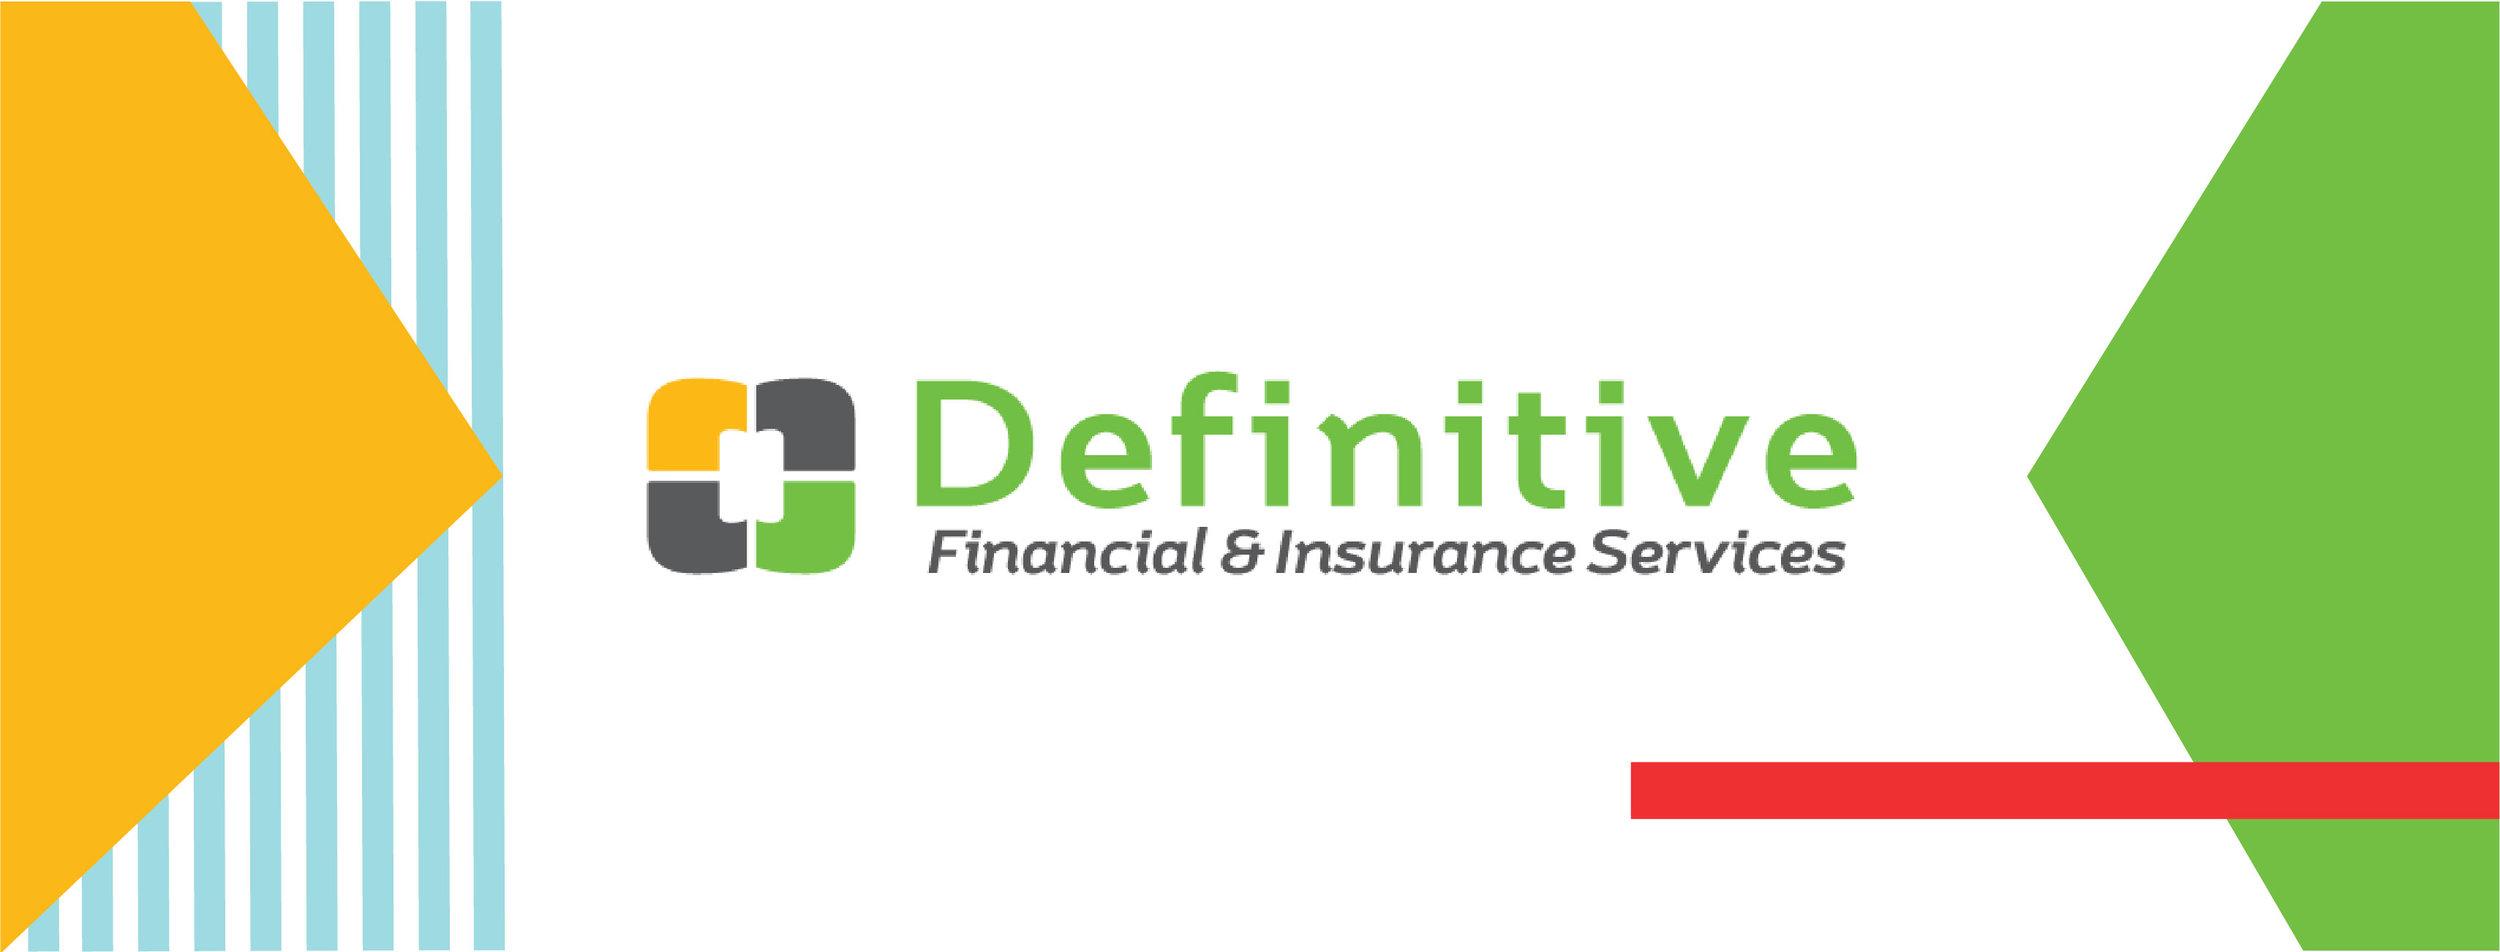 Definitive Financial Cover Photos_Facebook Cover Photo 1.jpg